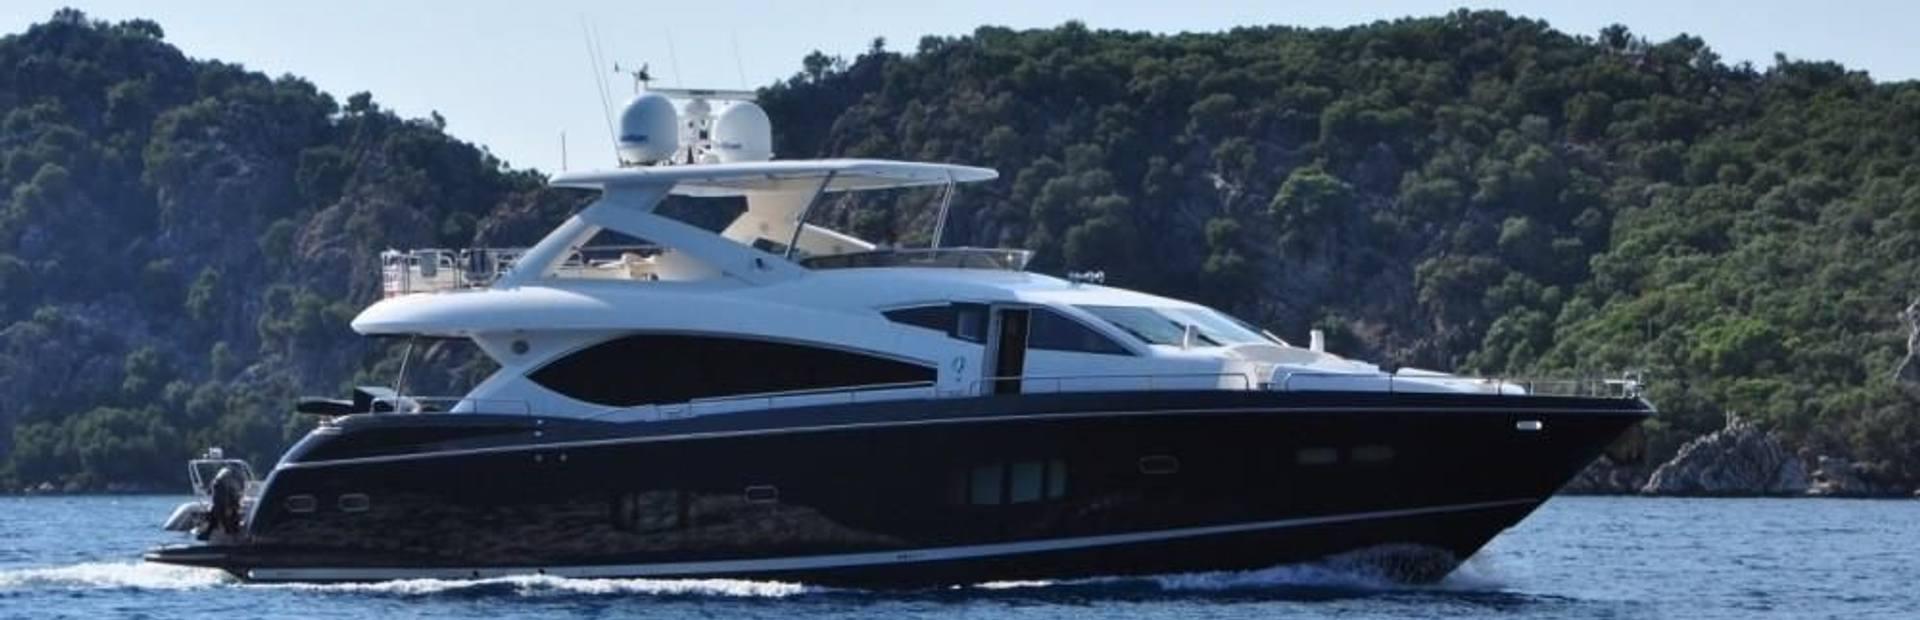 Sunseeker 88 Yacht Charter